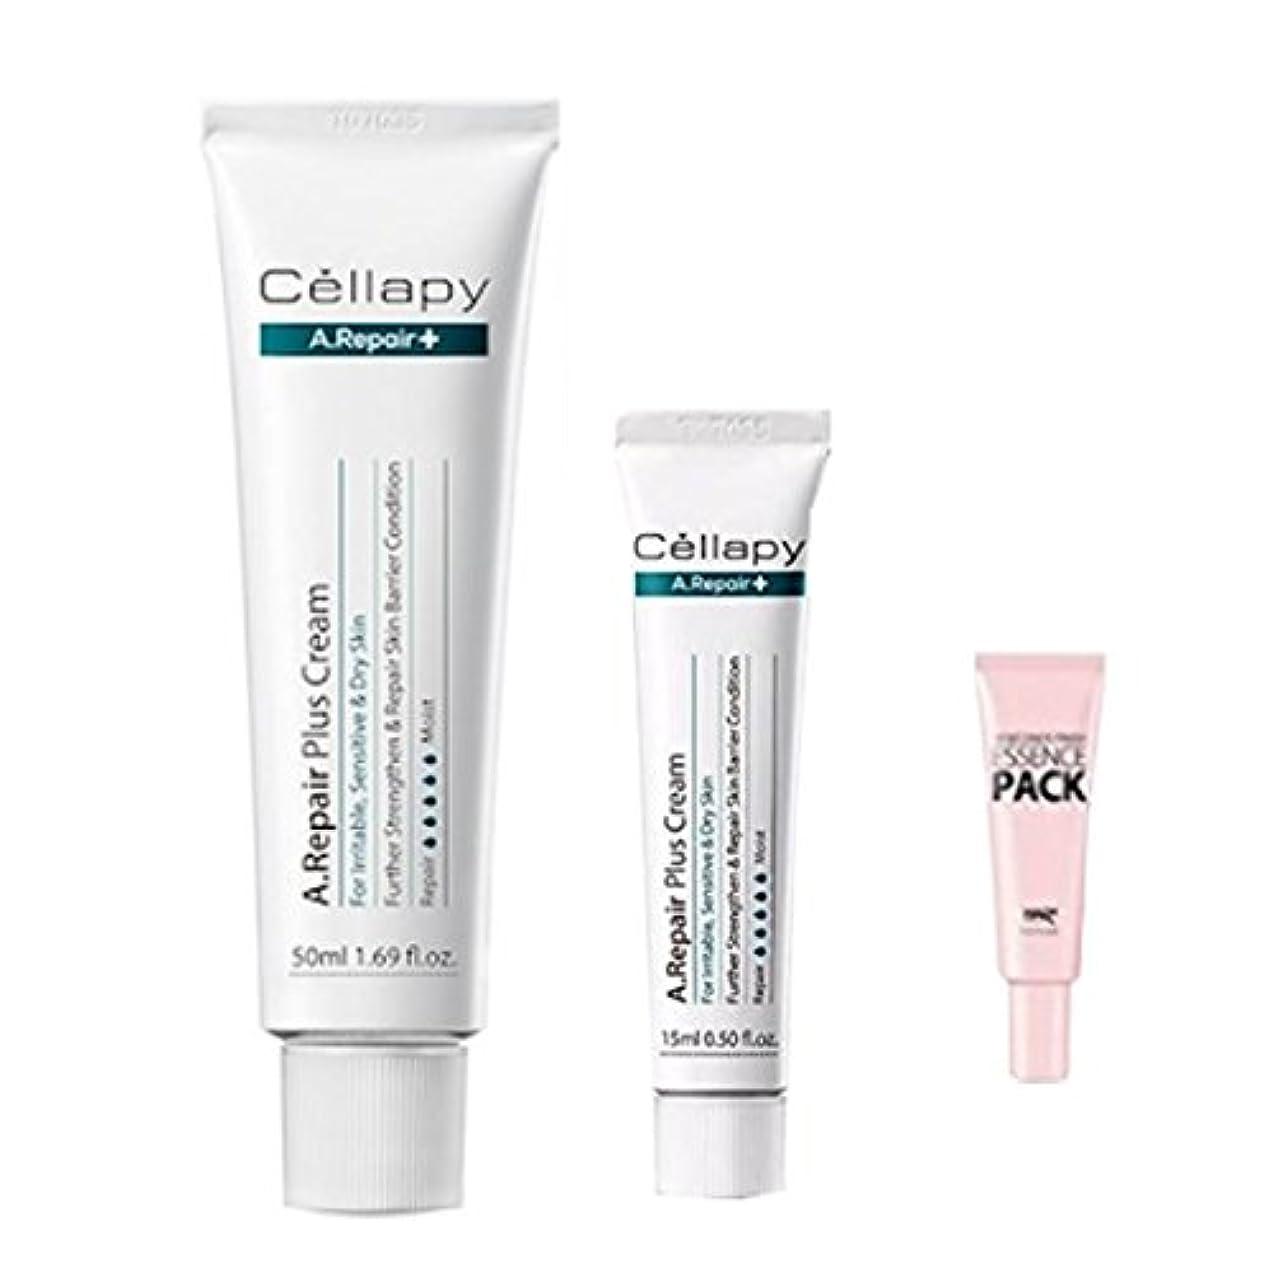 マルクス主義者発見結婚するセラピ エイリペアプラスクリーム50ml+15ml [並行輸入品]/Cellapy A.Repair Plus Cream for Irritable, Sensitive & Dry Skin 50ml(1.69fl.oz...